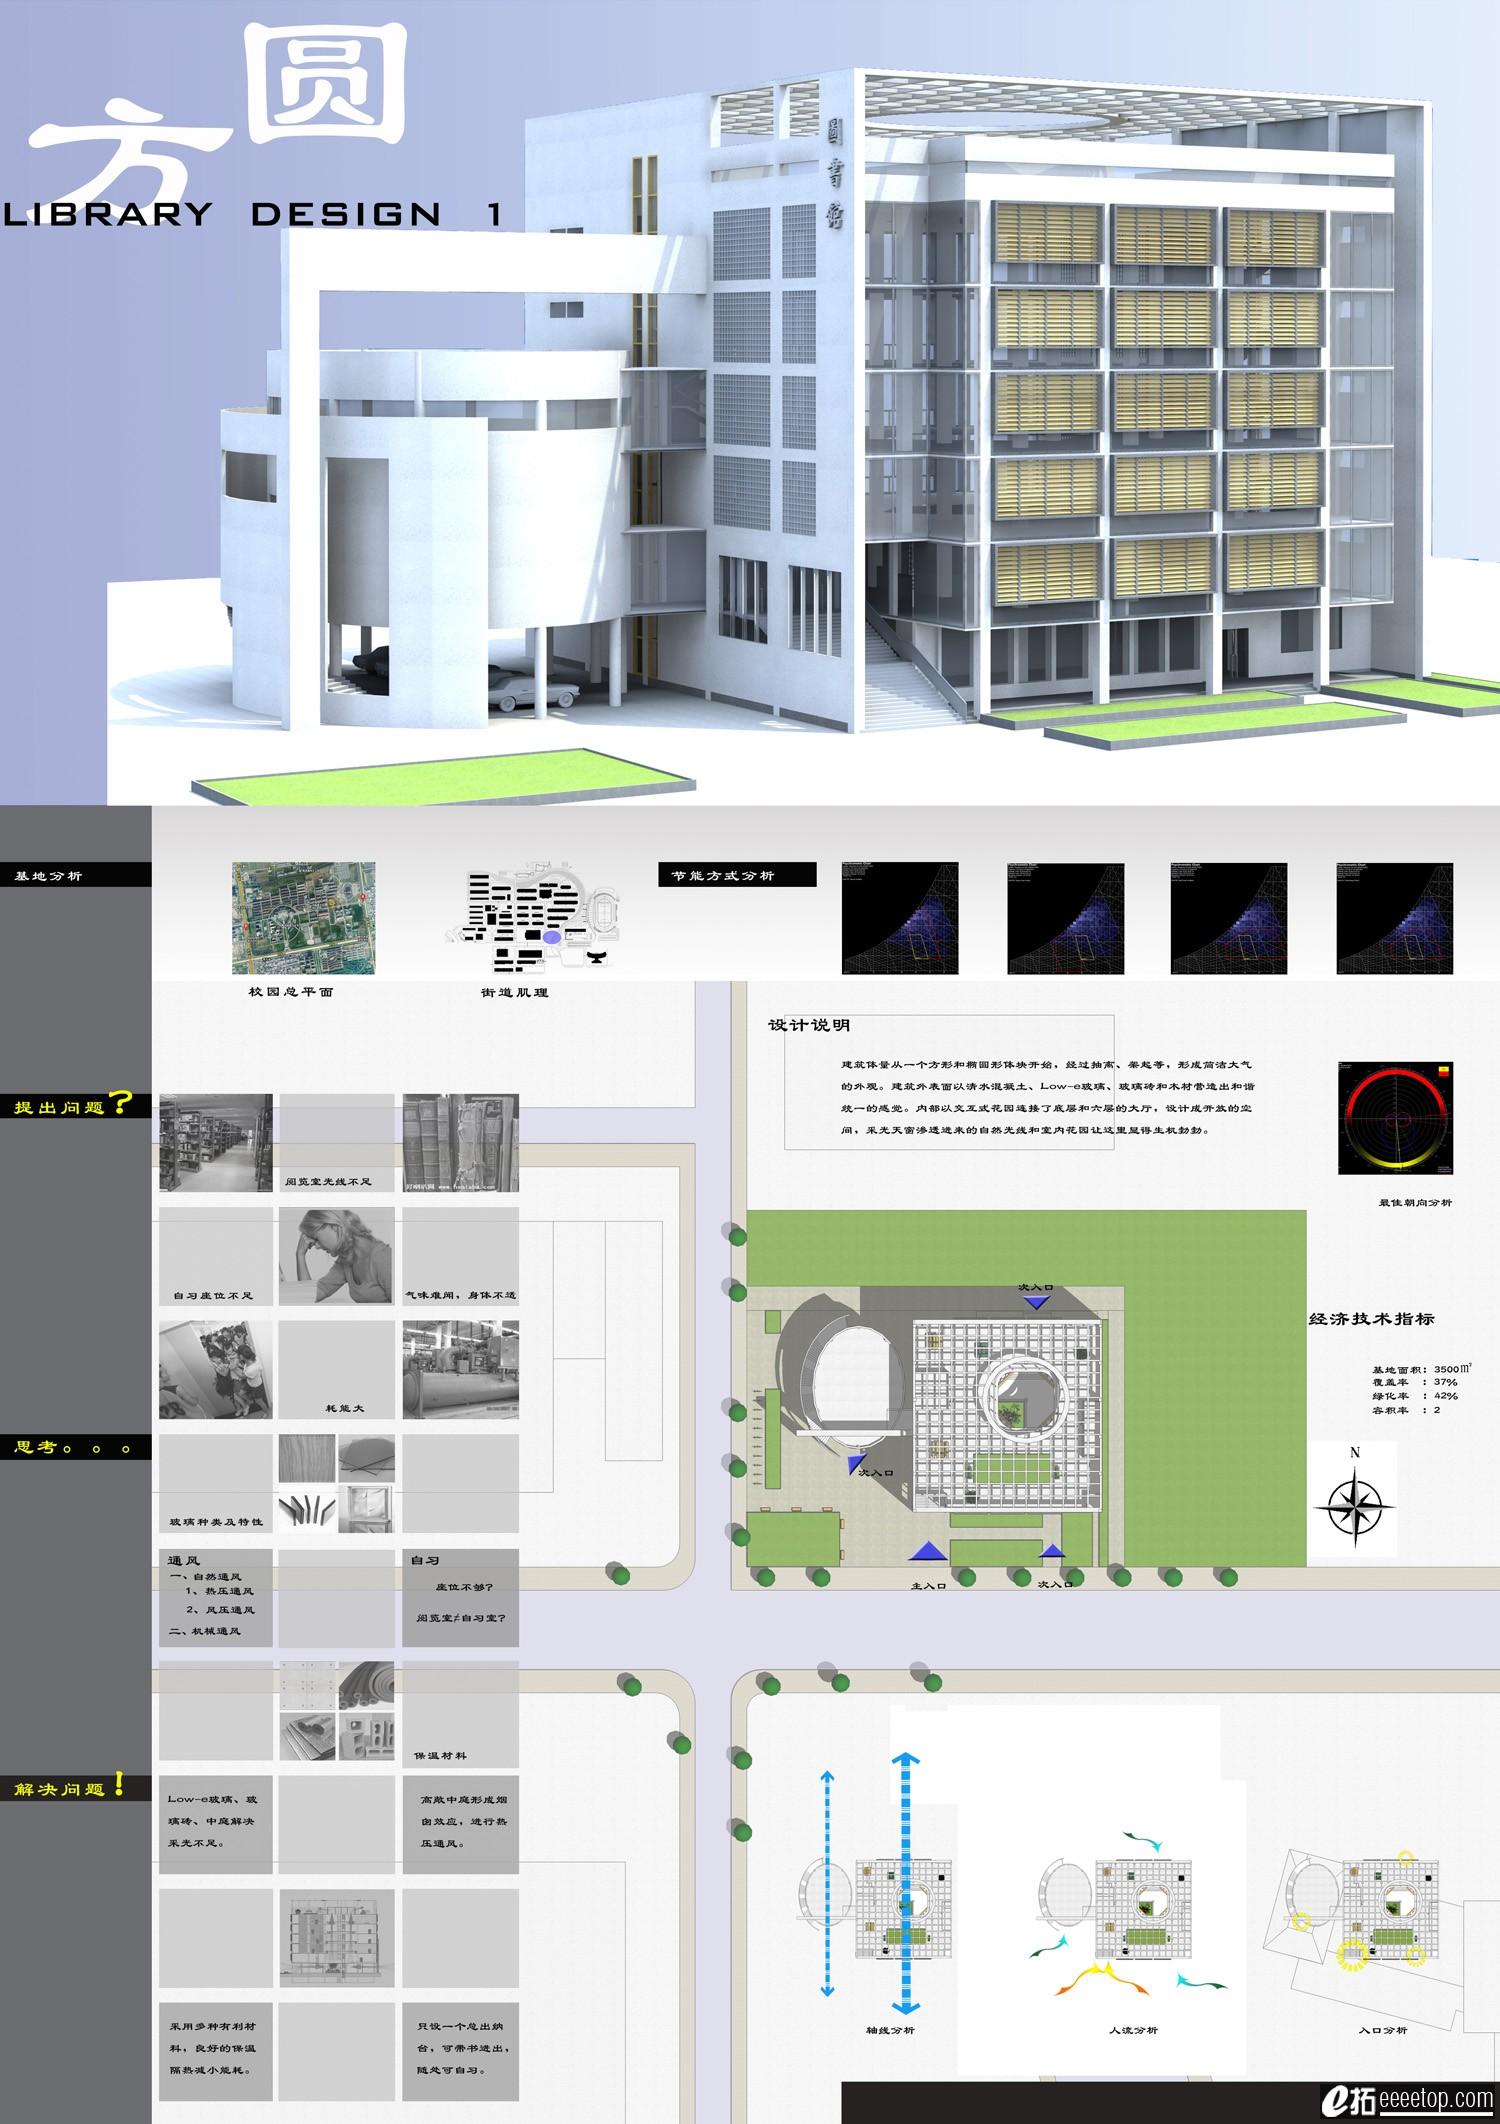 图书馆设计大设计-大学生作业广场-e拓建筑包装设计中的手绘元素图片